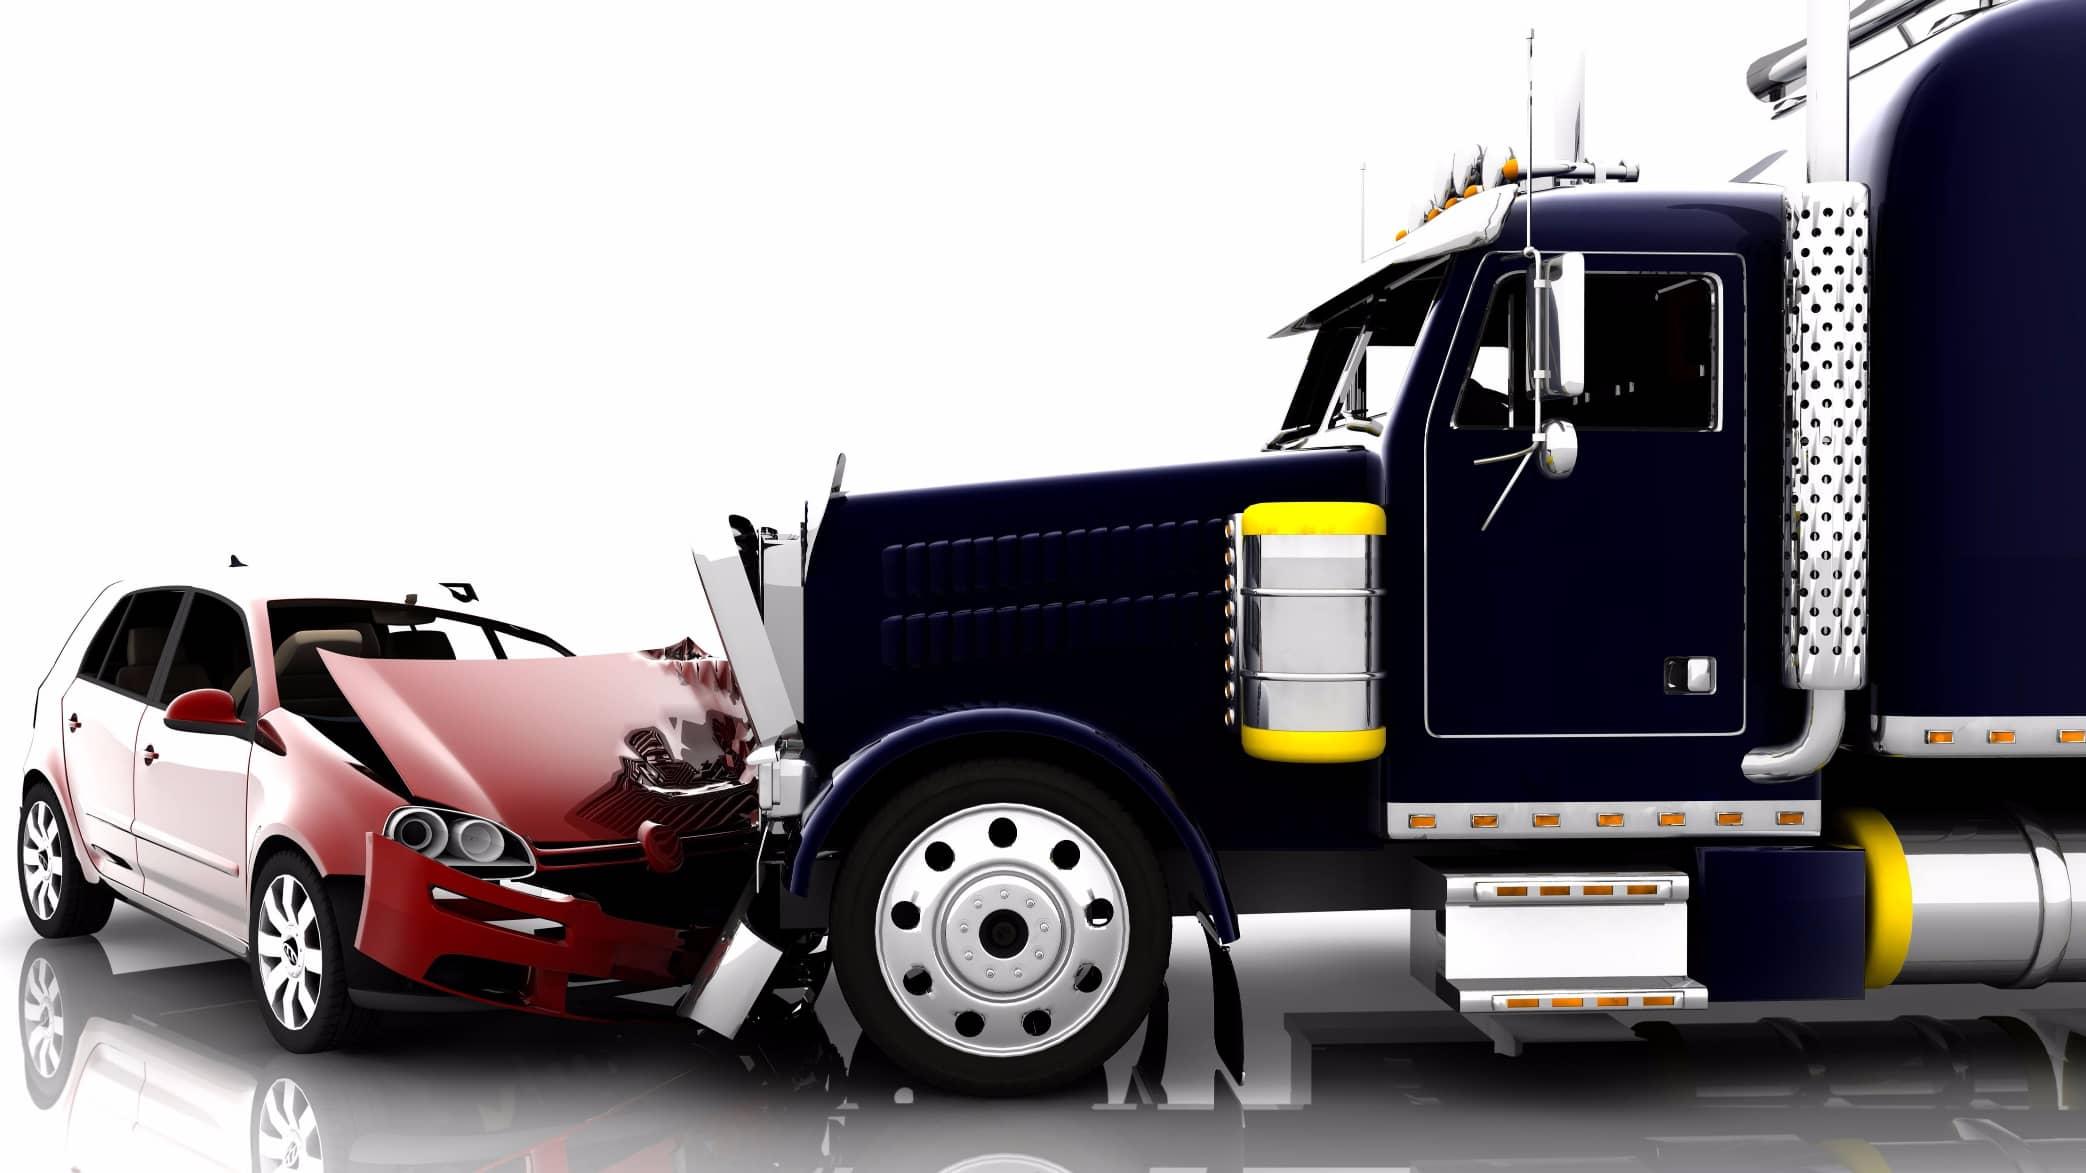 truck & car smash repairs